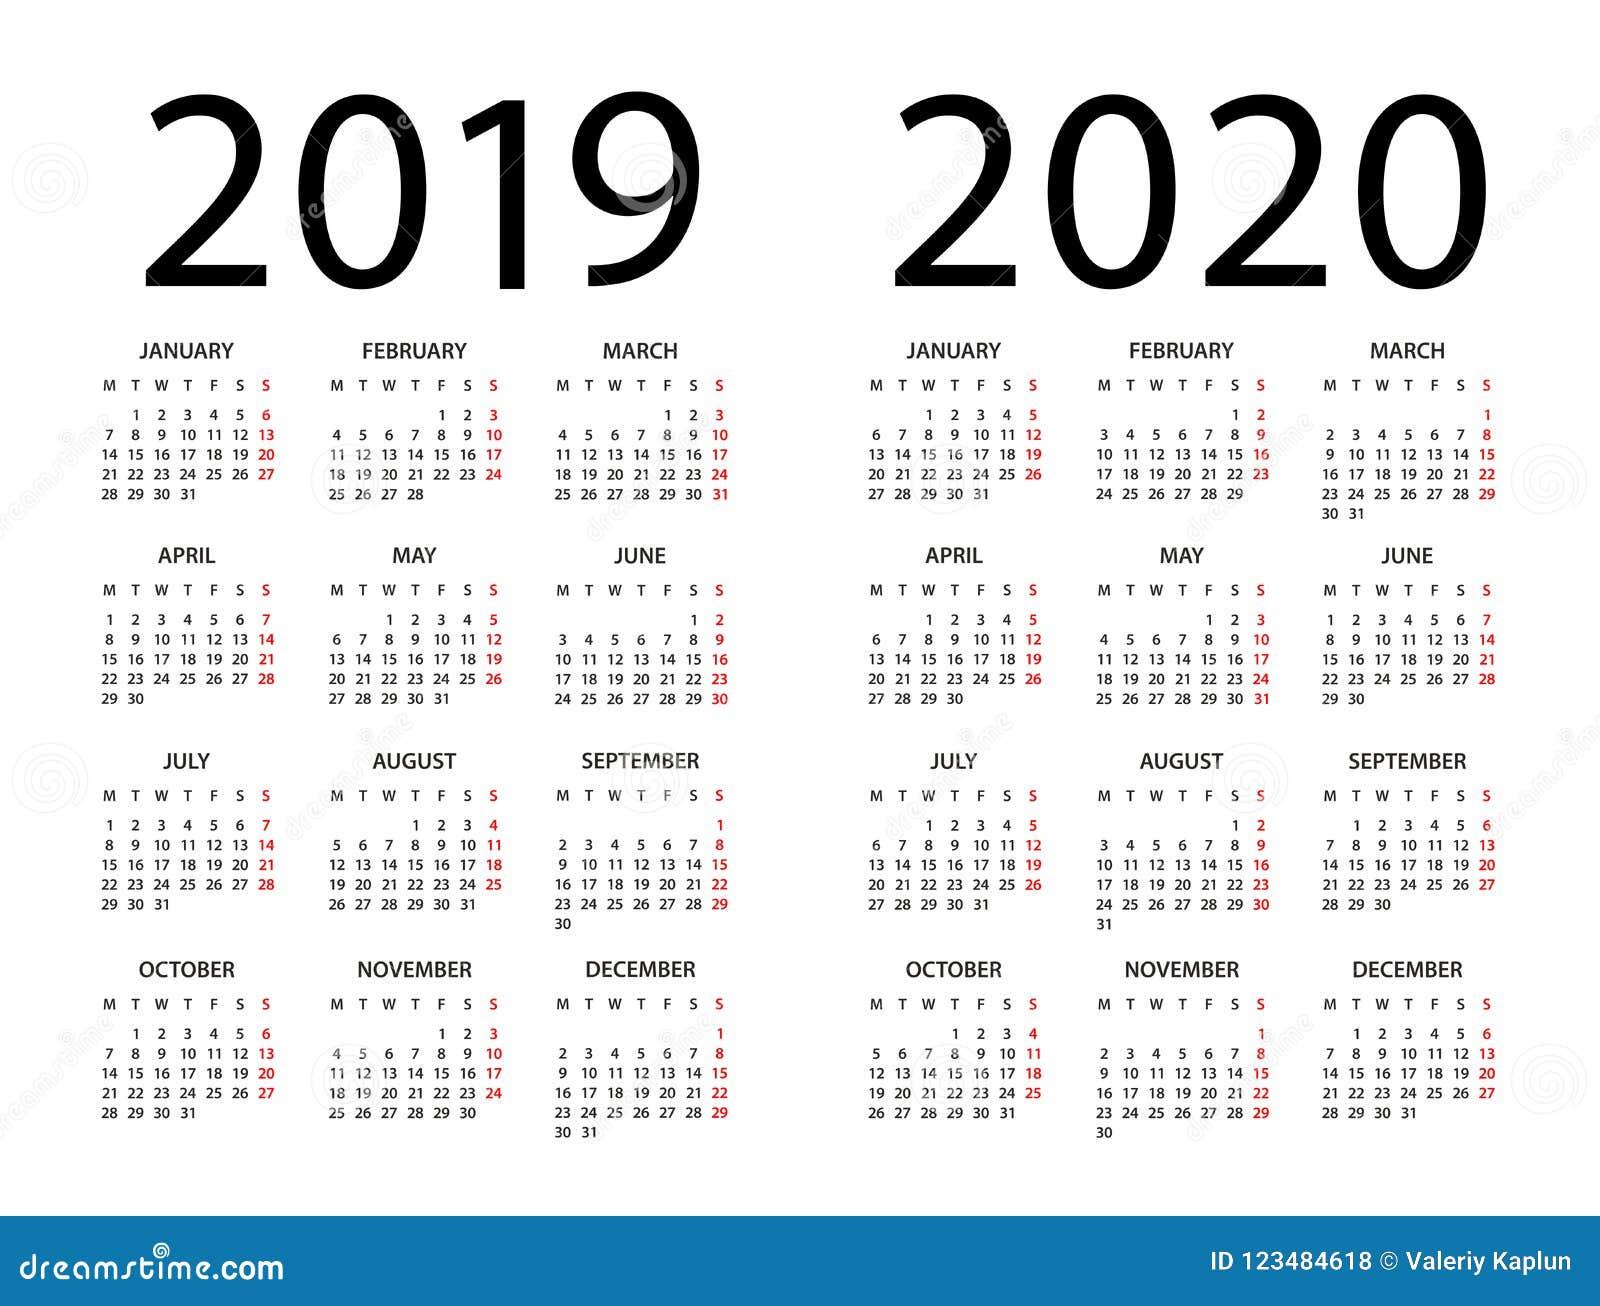 Calendário 2019 2020 - ilustração Começos da semana em segunda-feira